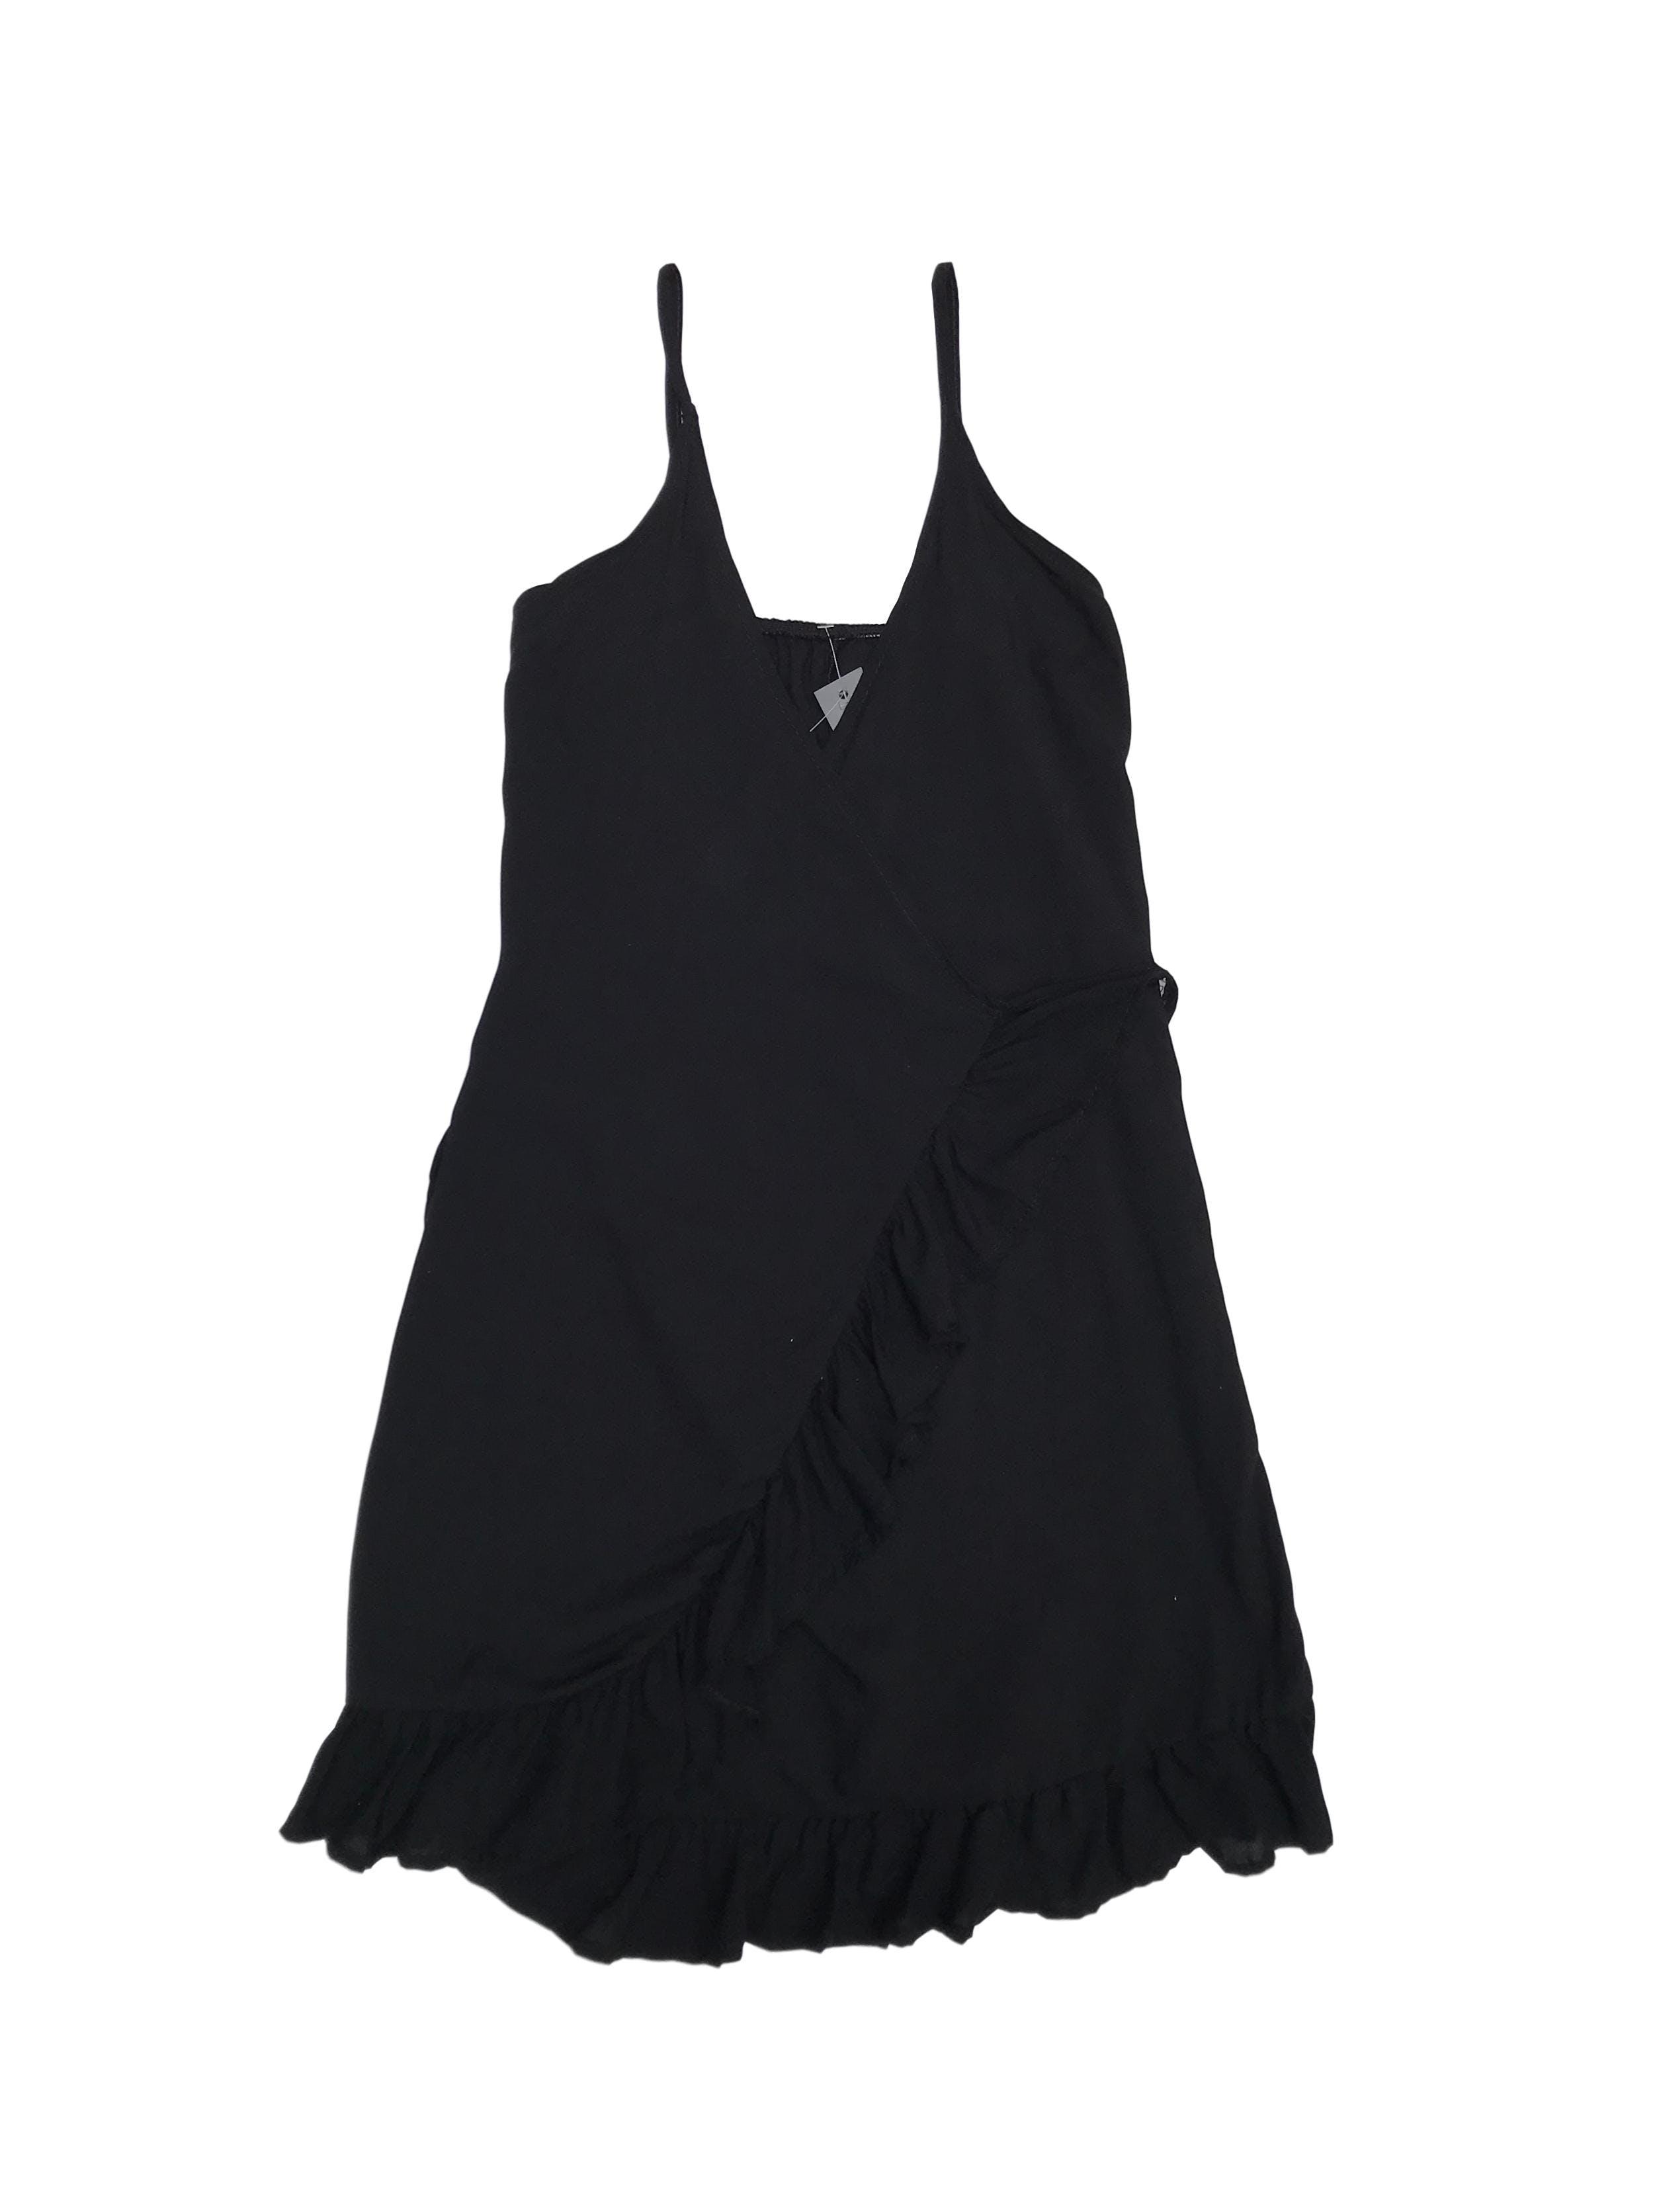 Vestido Epiphany playero negro envolvente con volante en la basta. Nuevo con etiqueta. Precio original S/ 80